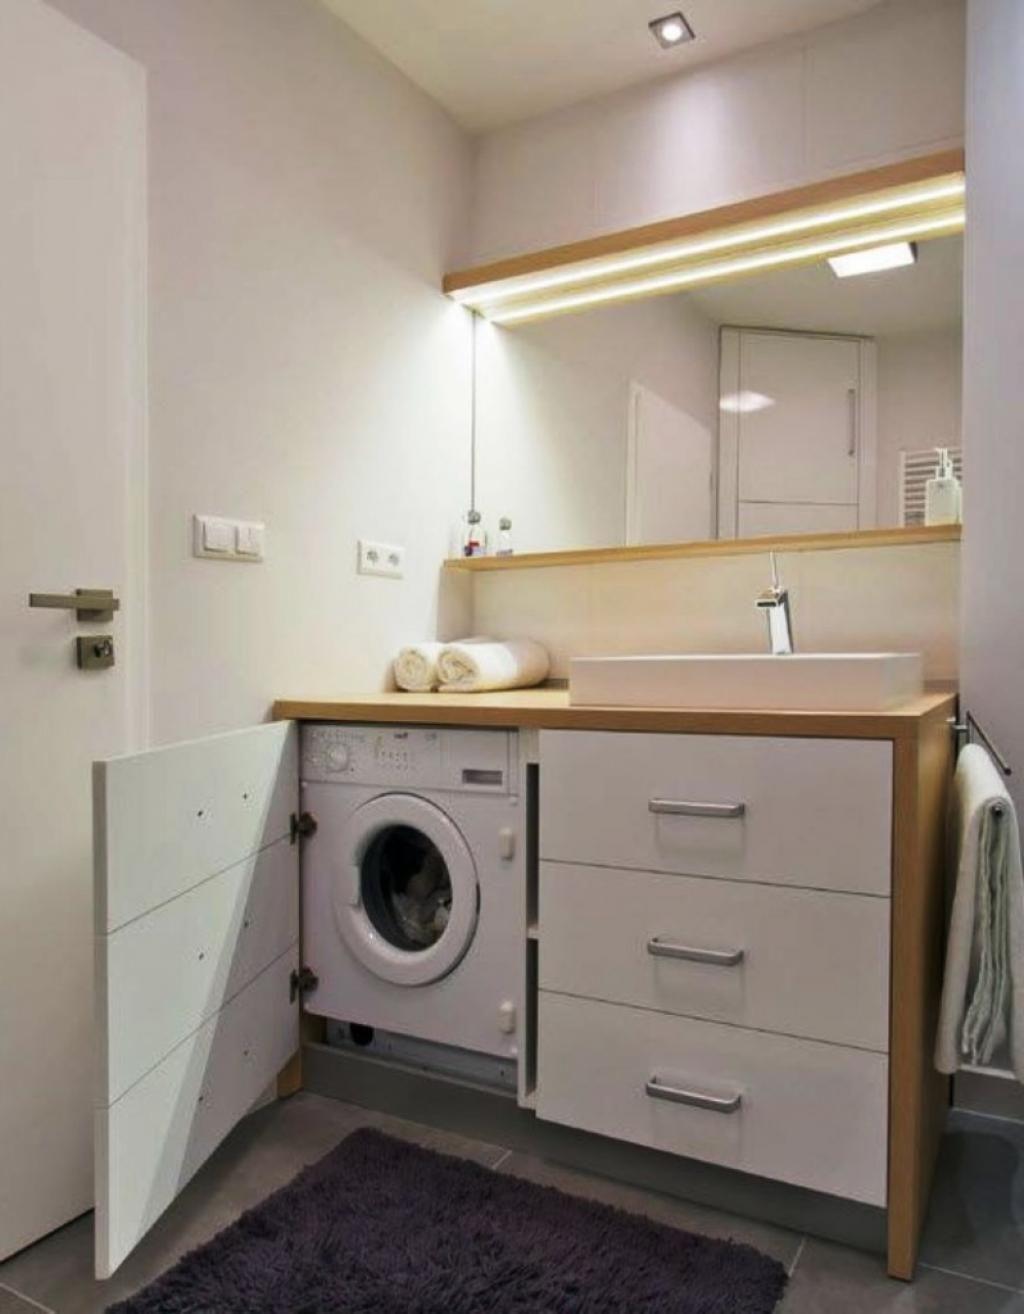 bathroom with washing machine  baño con lavadora cuartos